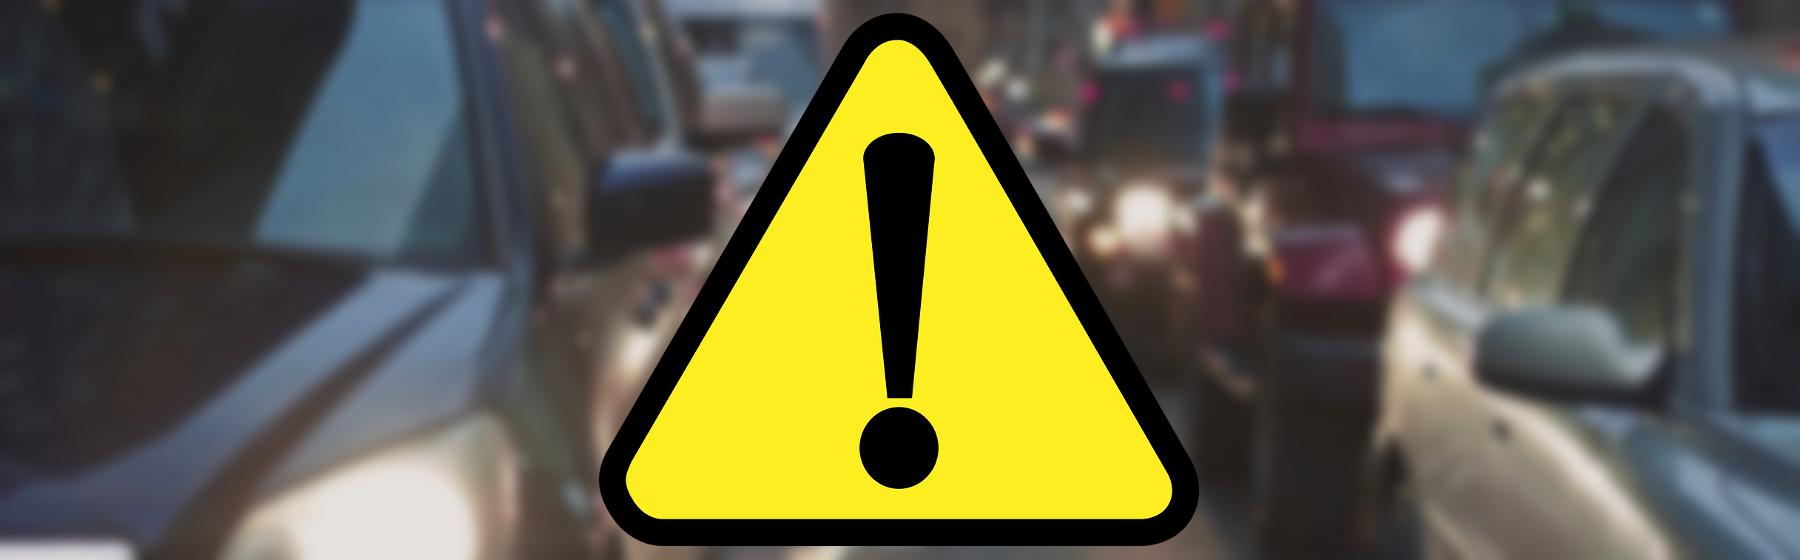 Zderzenie pojazdów przy zjeździe na Pokrzywno – zablokowany wyjazd na ul. Krzywoustego